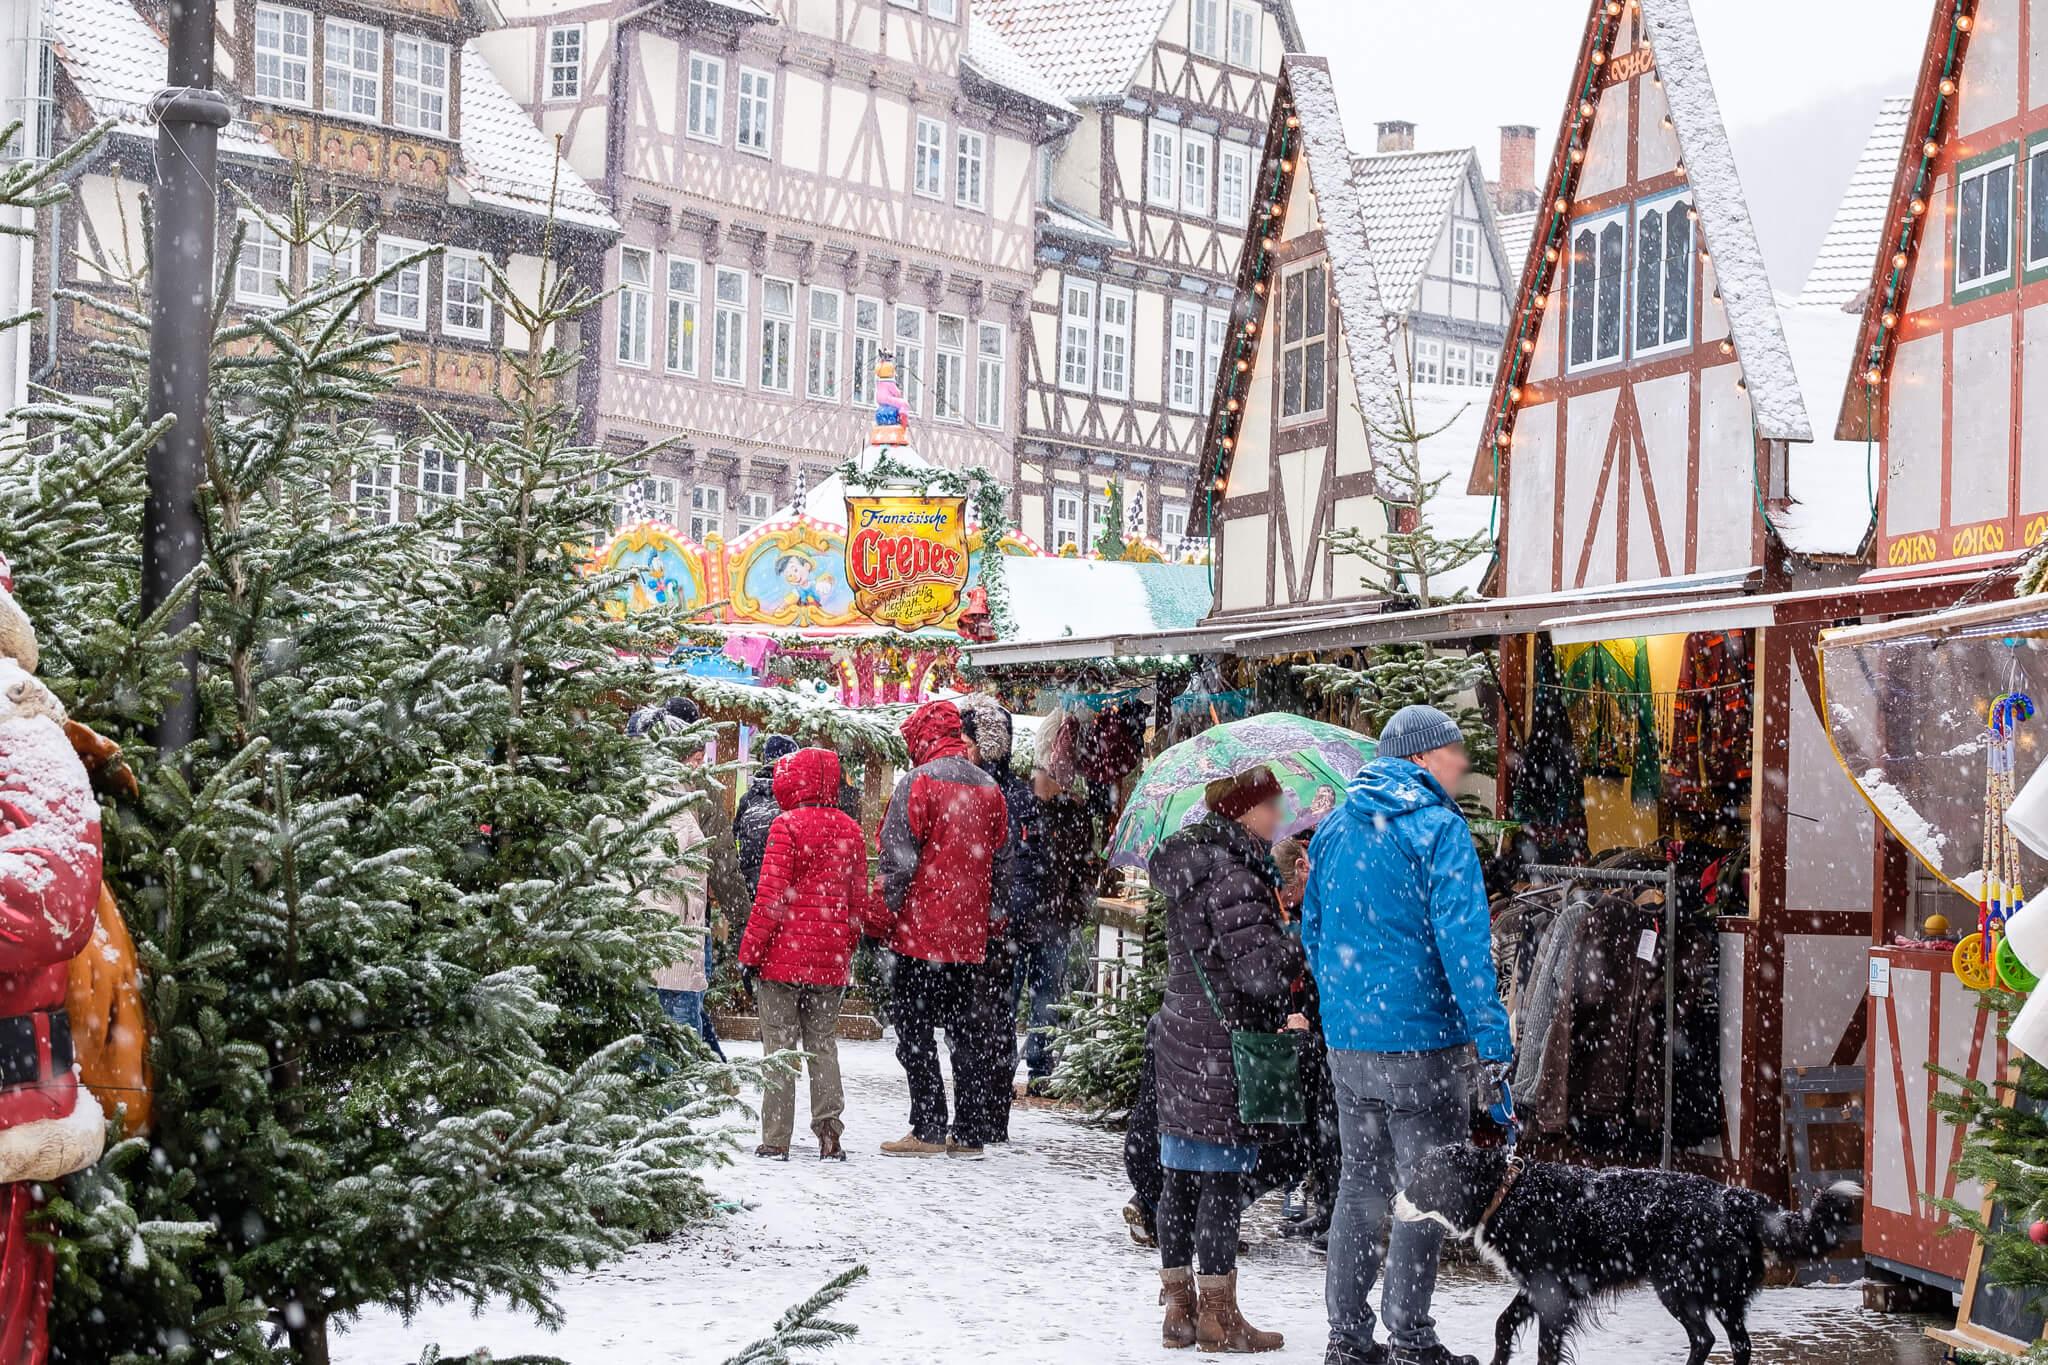 Weihnachtsmarkt Hann. Münden bei Schnee